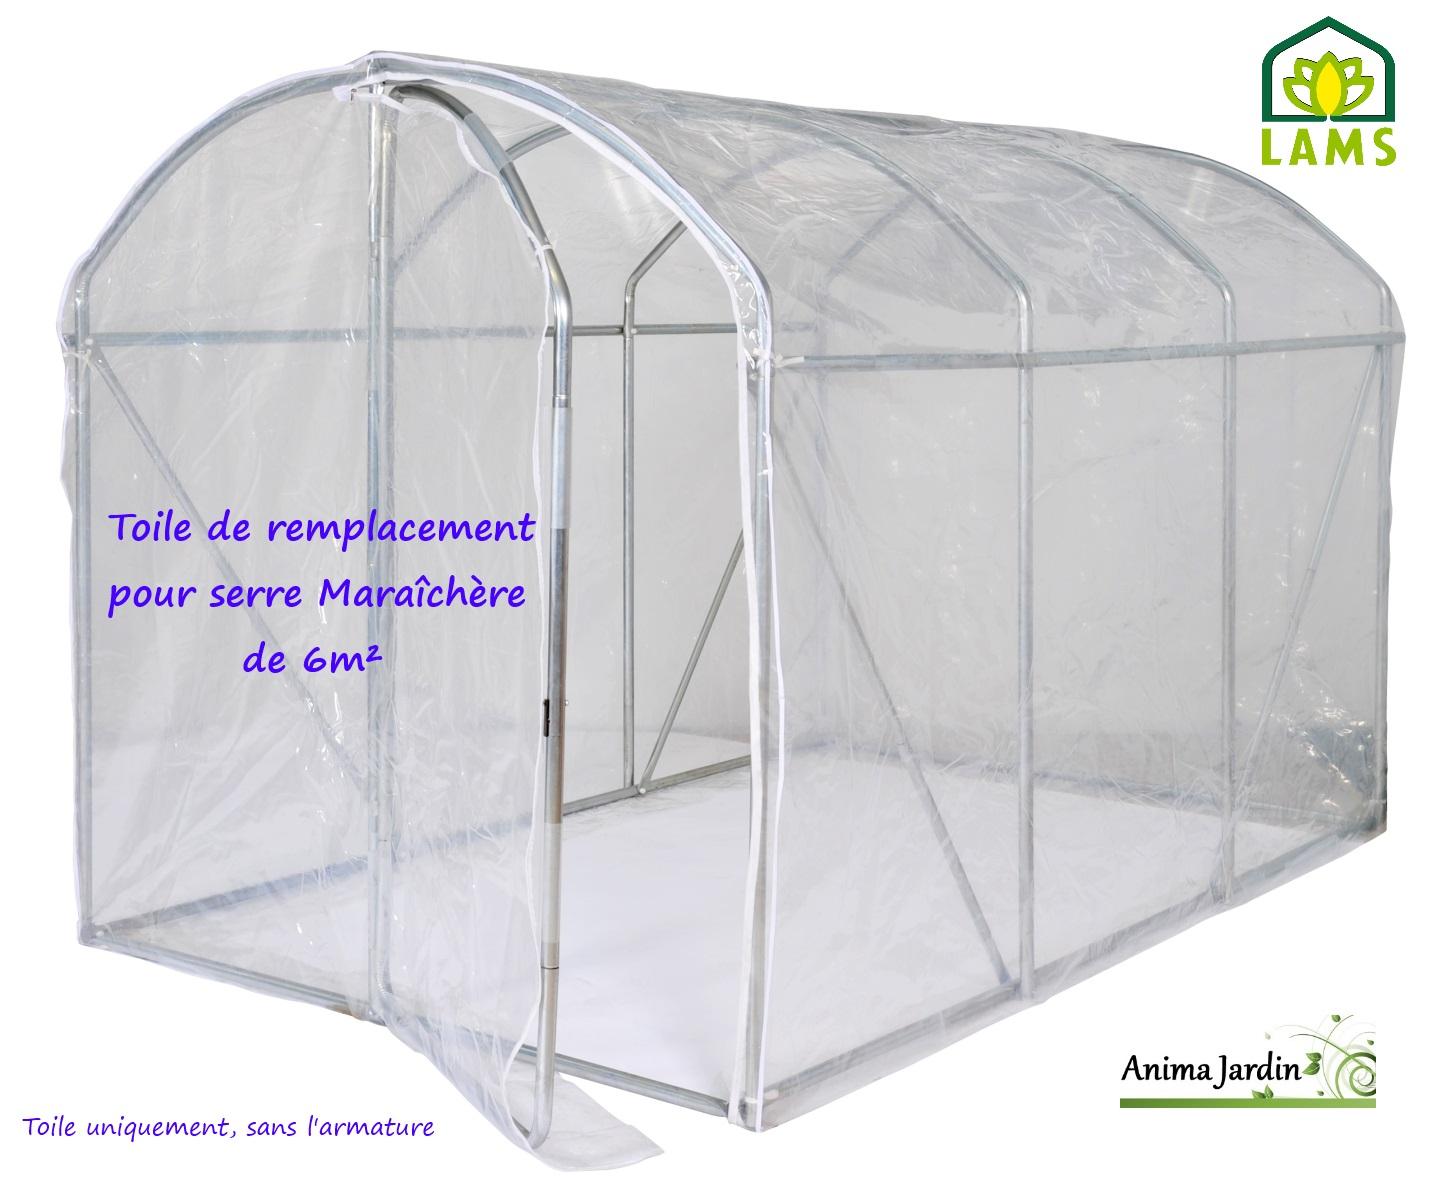 Toile De Remplacement Serre Maraîchère 6M², Lams, Bâche avec Bache De Serre De Jardin